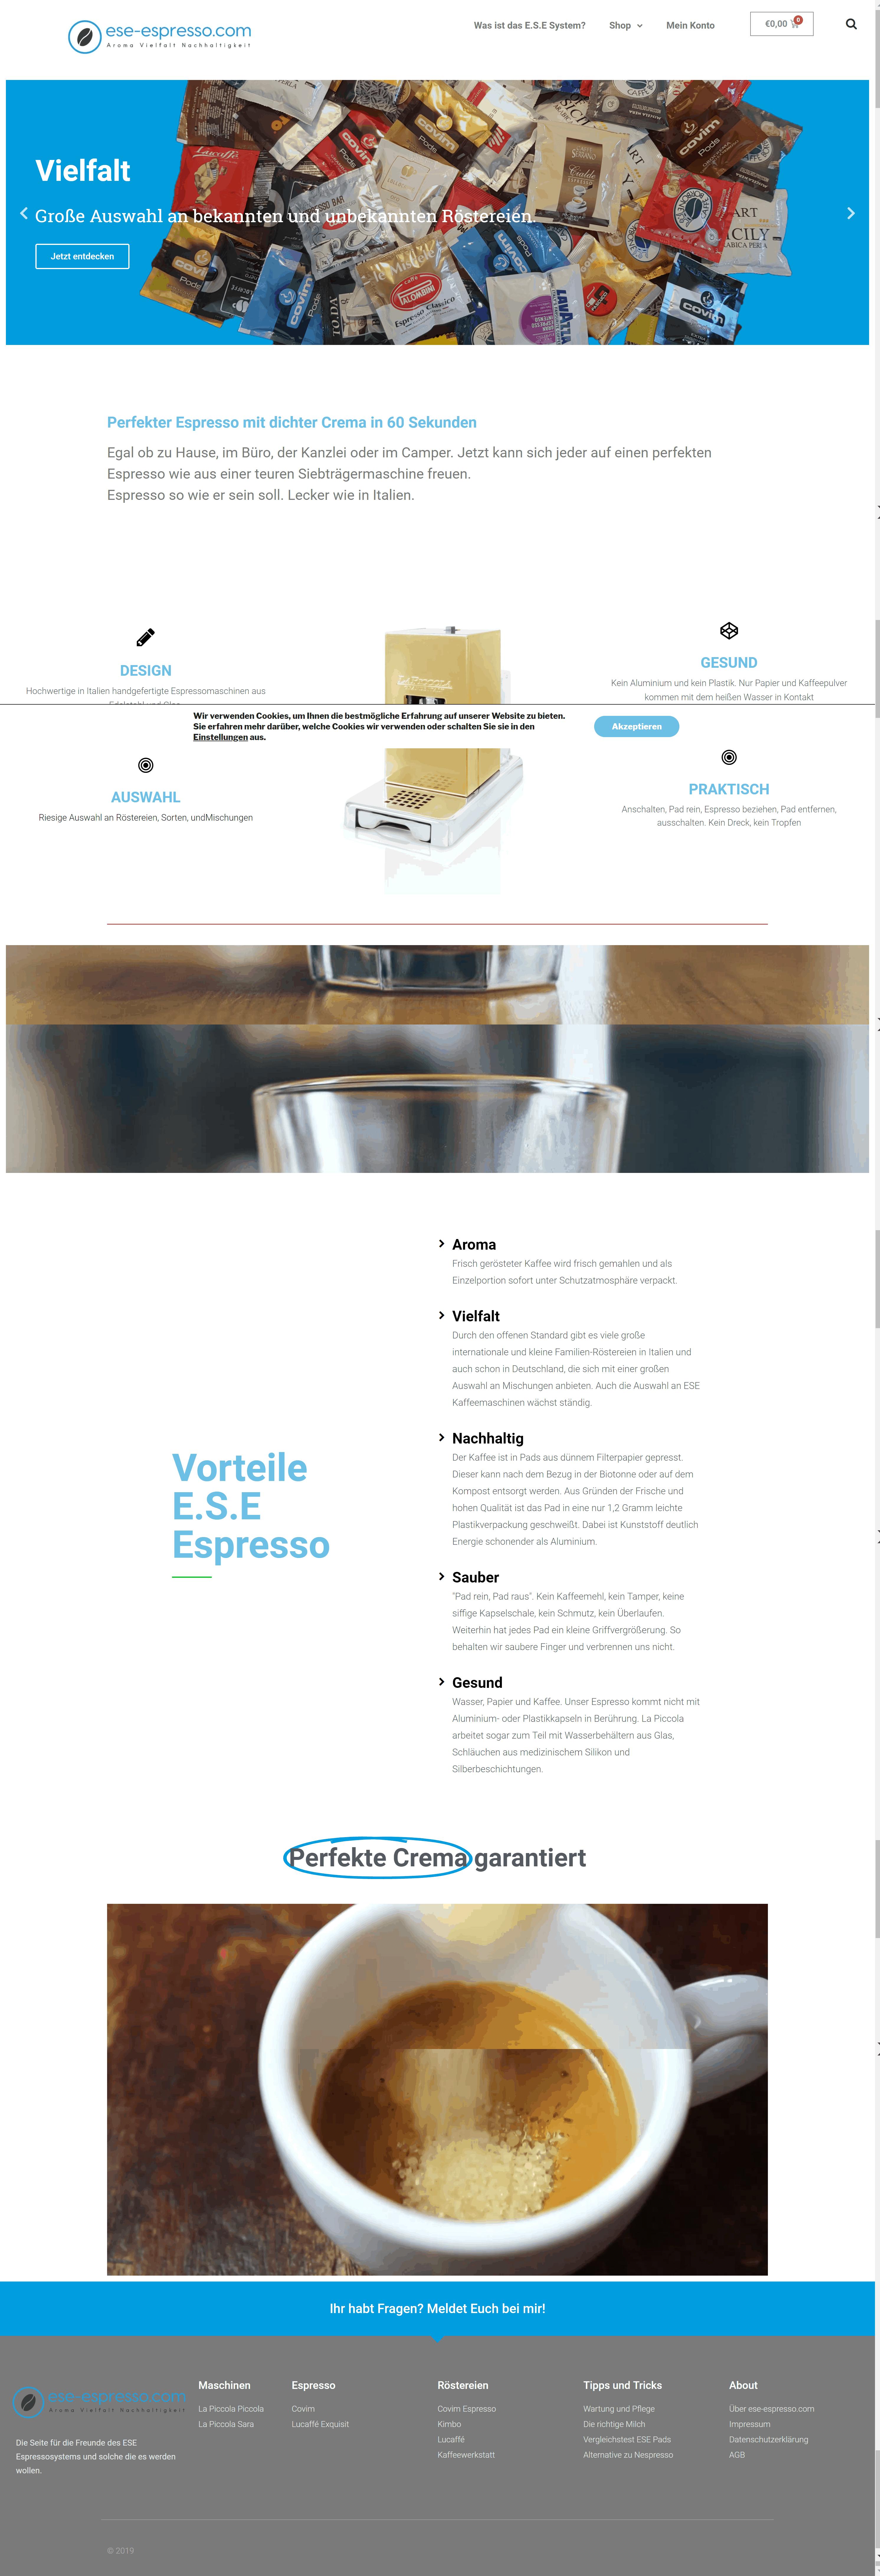 ese-espresso.com